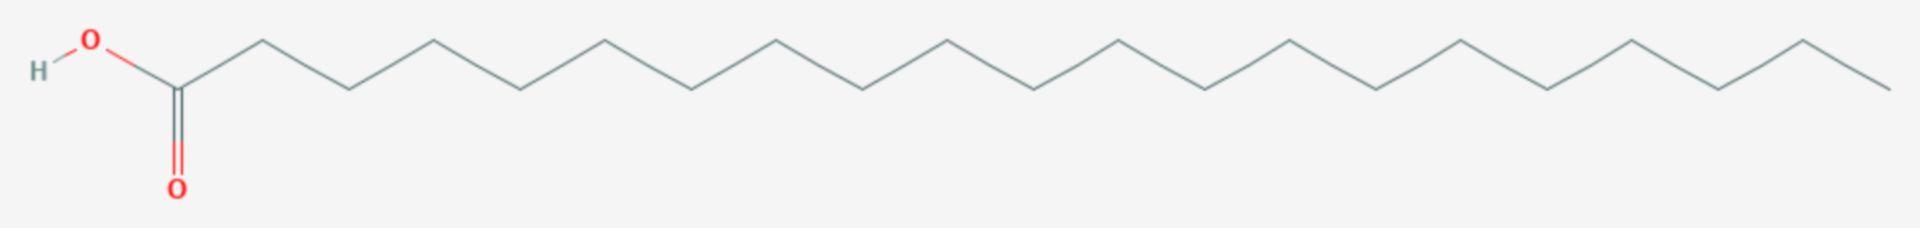 Heneicosansäure (Strukturformel)